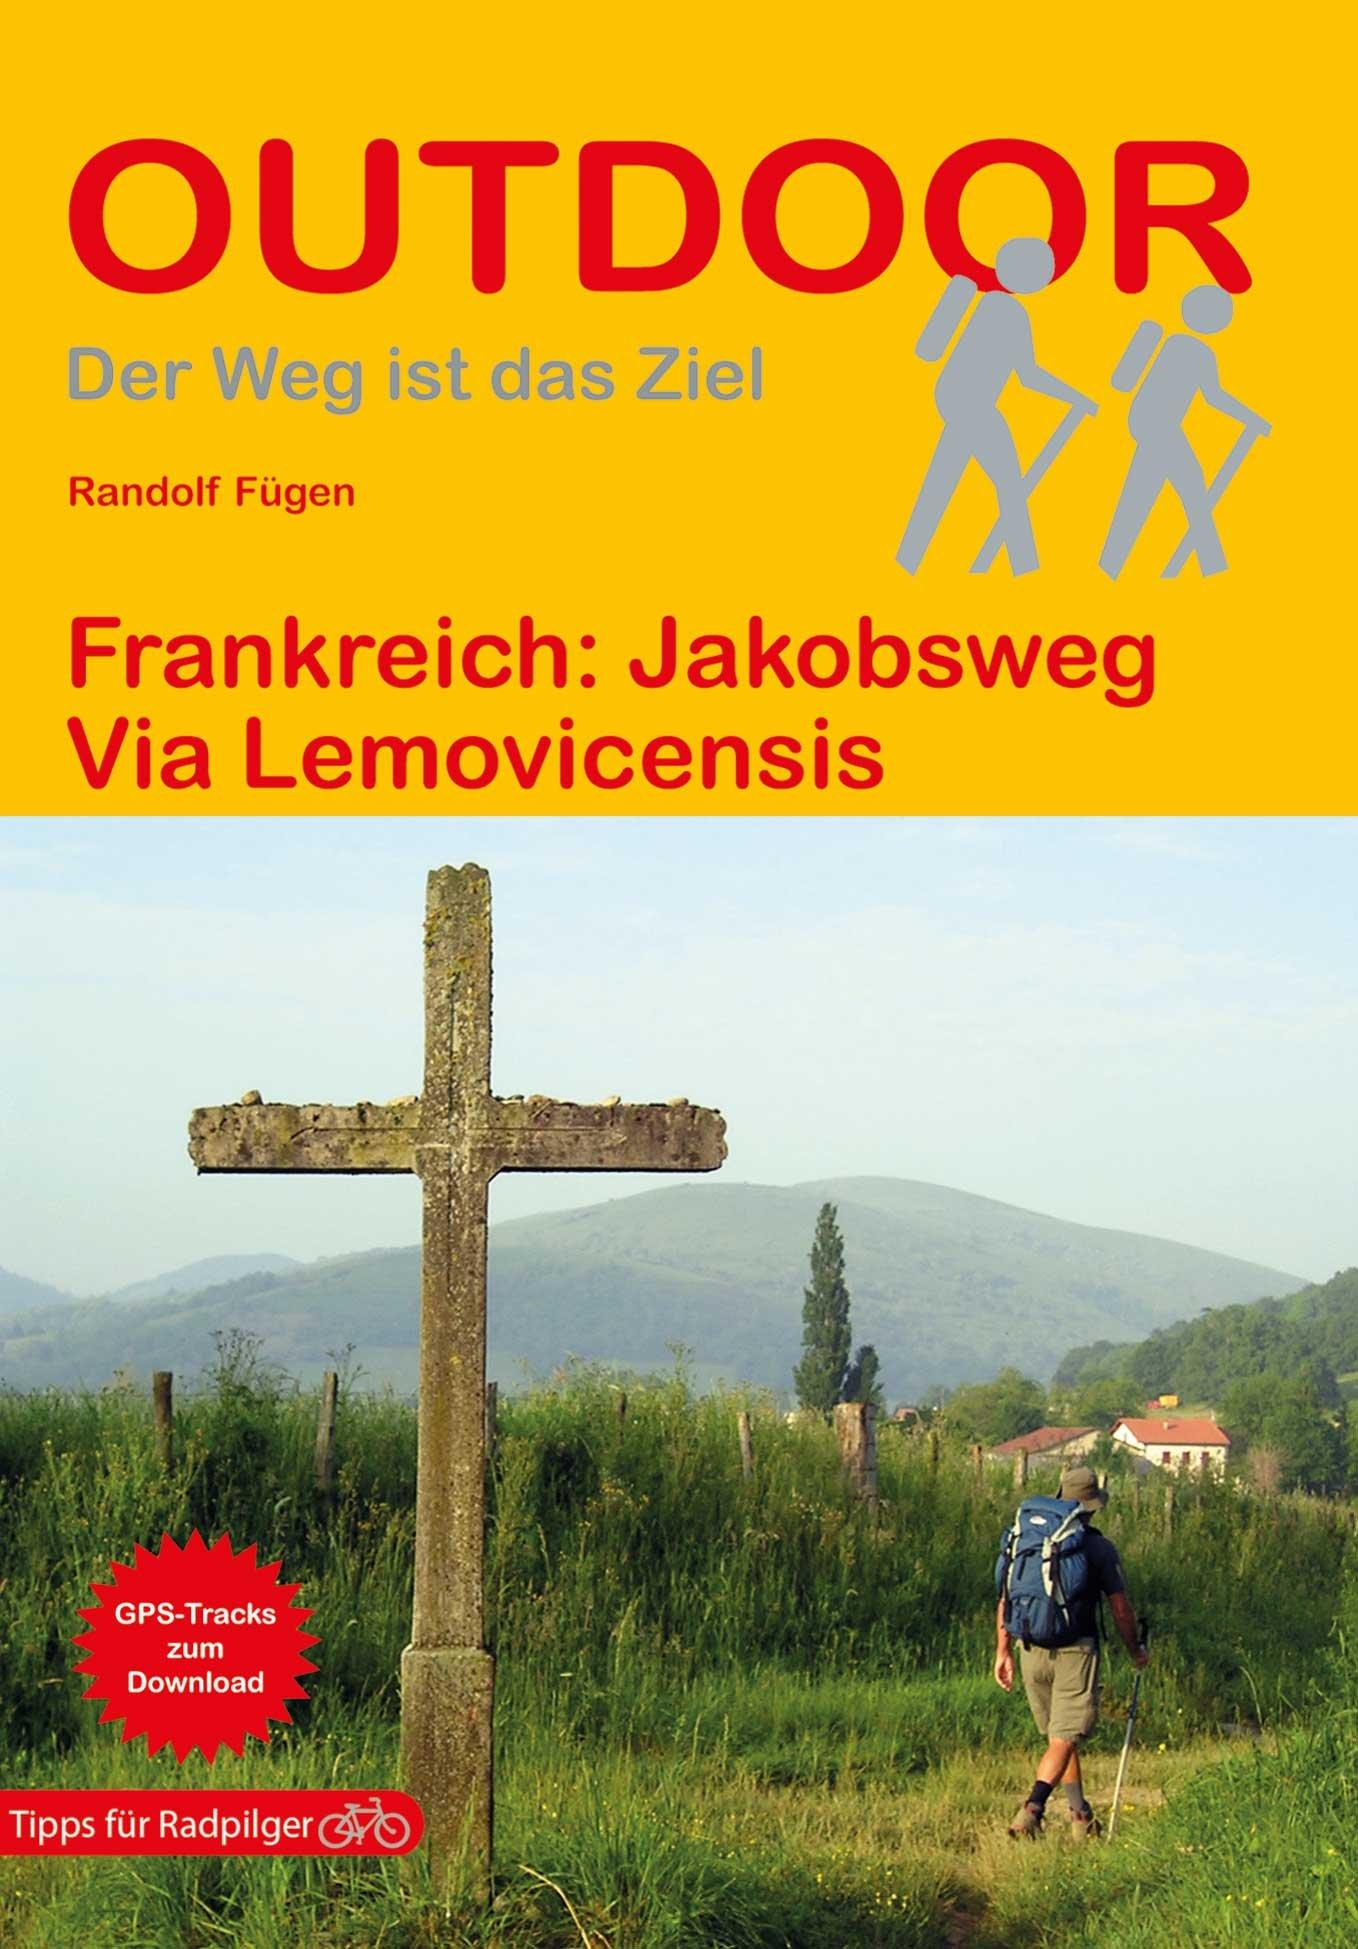 Jakobsweg Via Lemovicensis | wandelgids Jacobsroute 9783866866478  Conrad Stein Verlag Outdoor - Der Weg ist das Ziel  Wandelgidsen, Santiago de Compostela Frankrijk